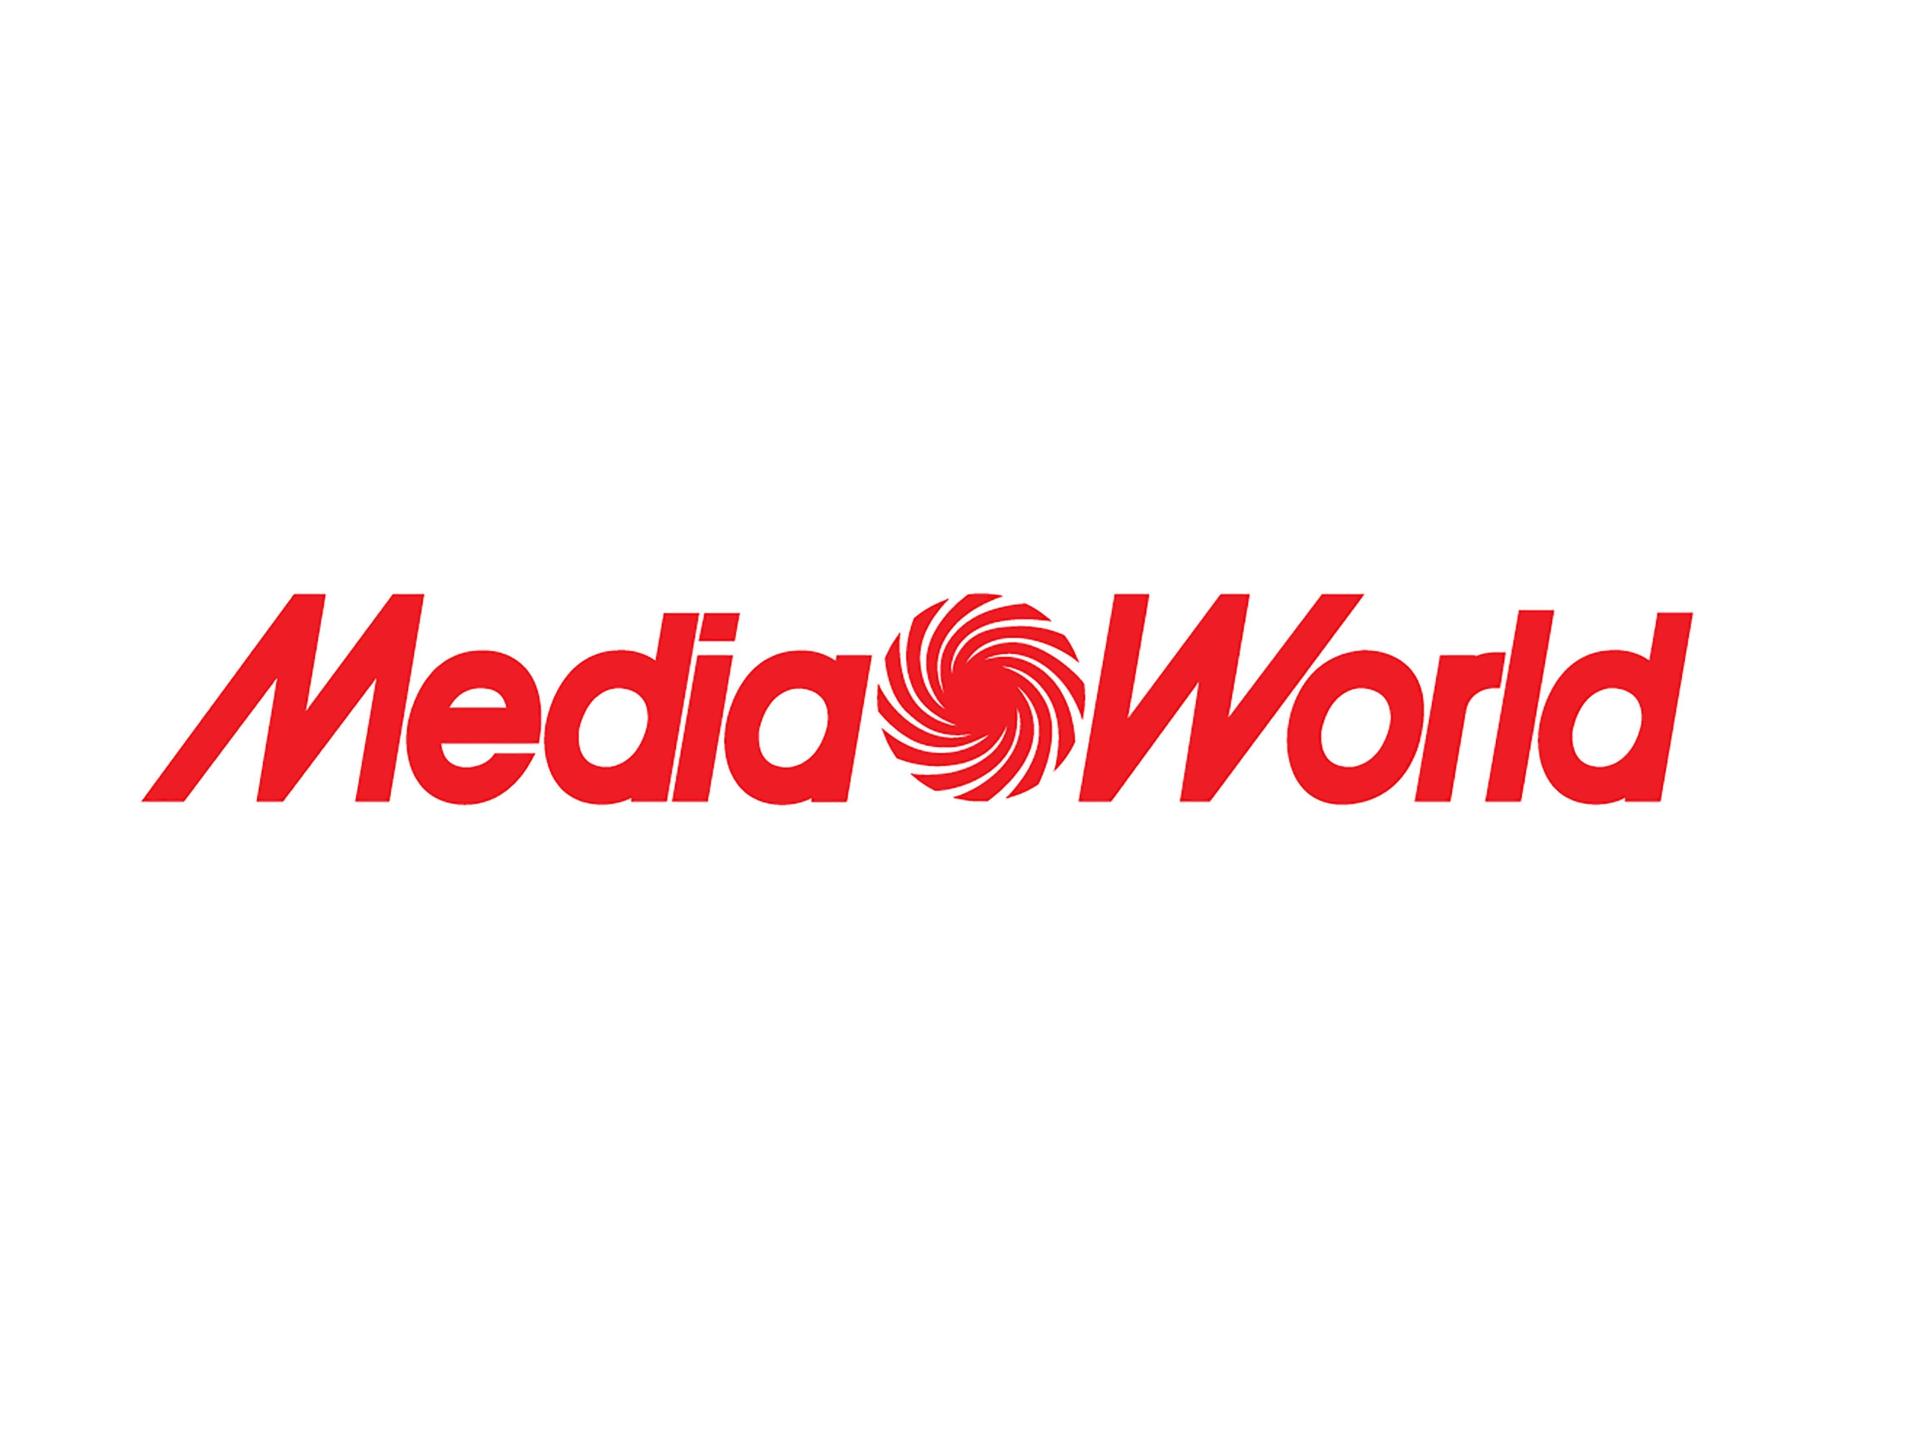 Mediaworld inaugura la Backup Week e annuncia finanziamenti